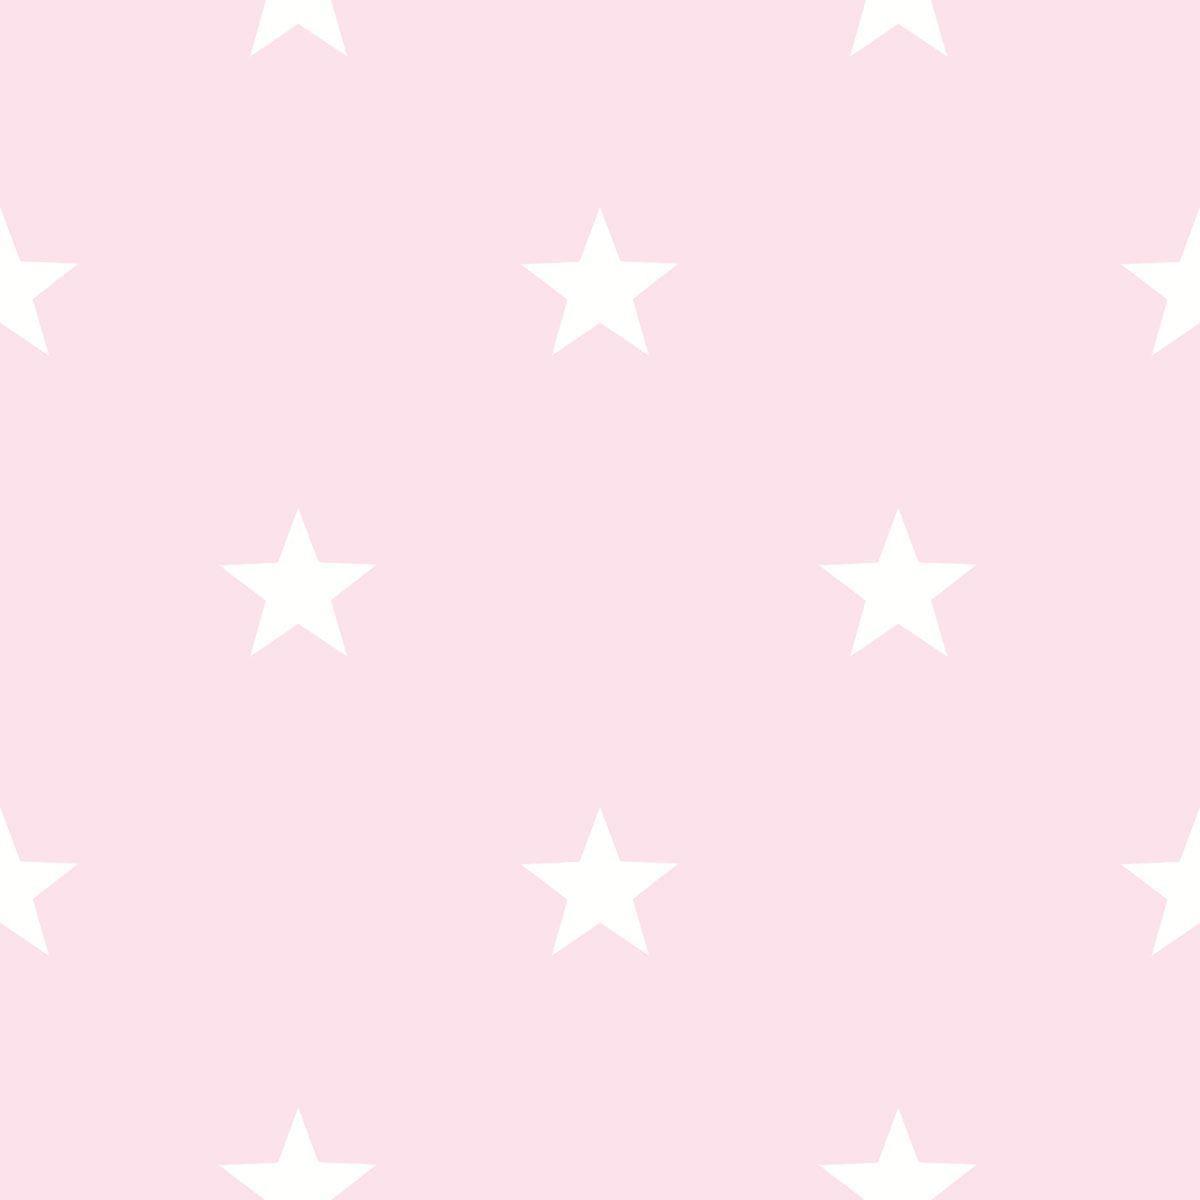 Papel de Parede Favola 3244 Italy - Rolo: 10m x 0,53m